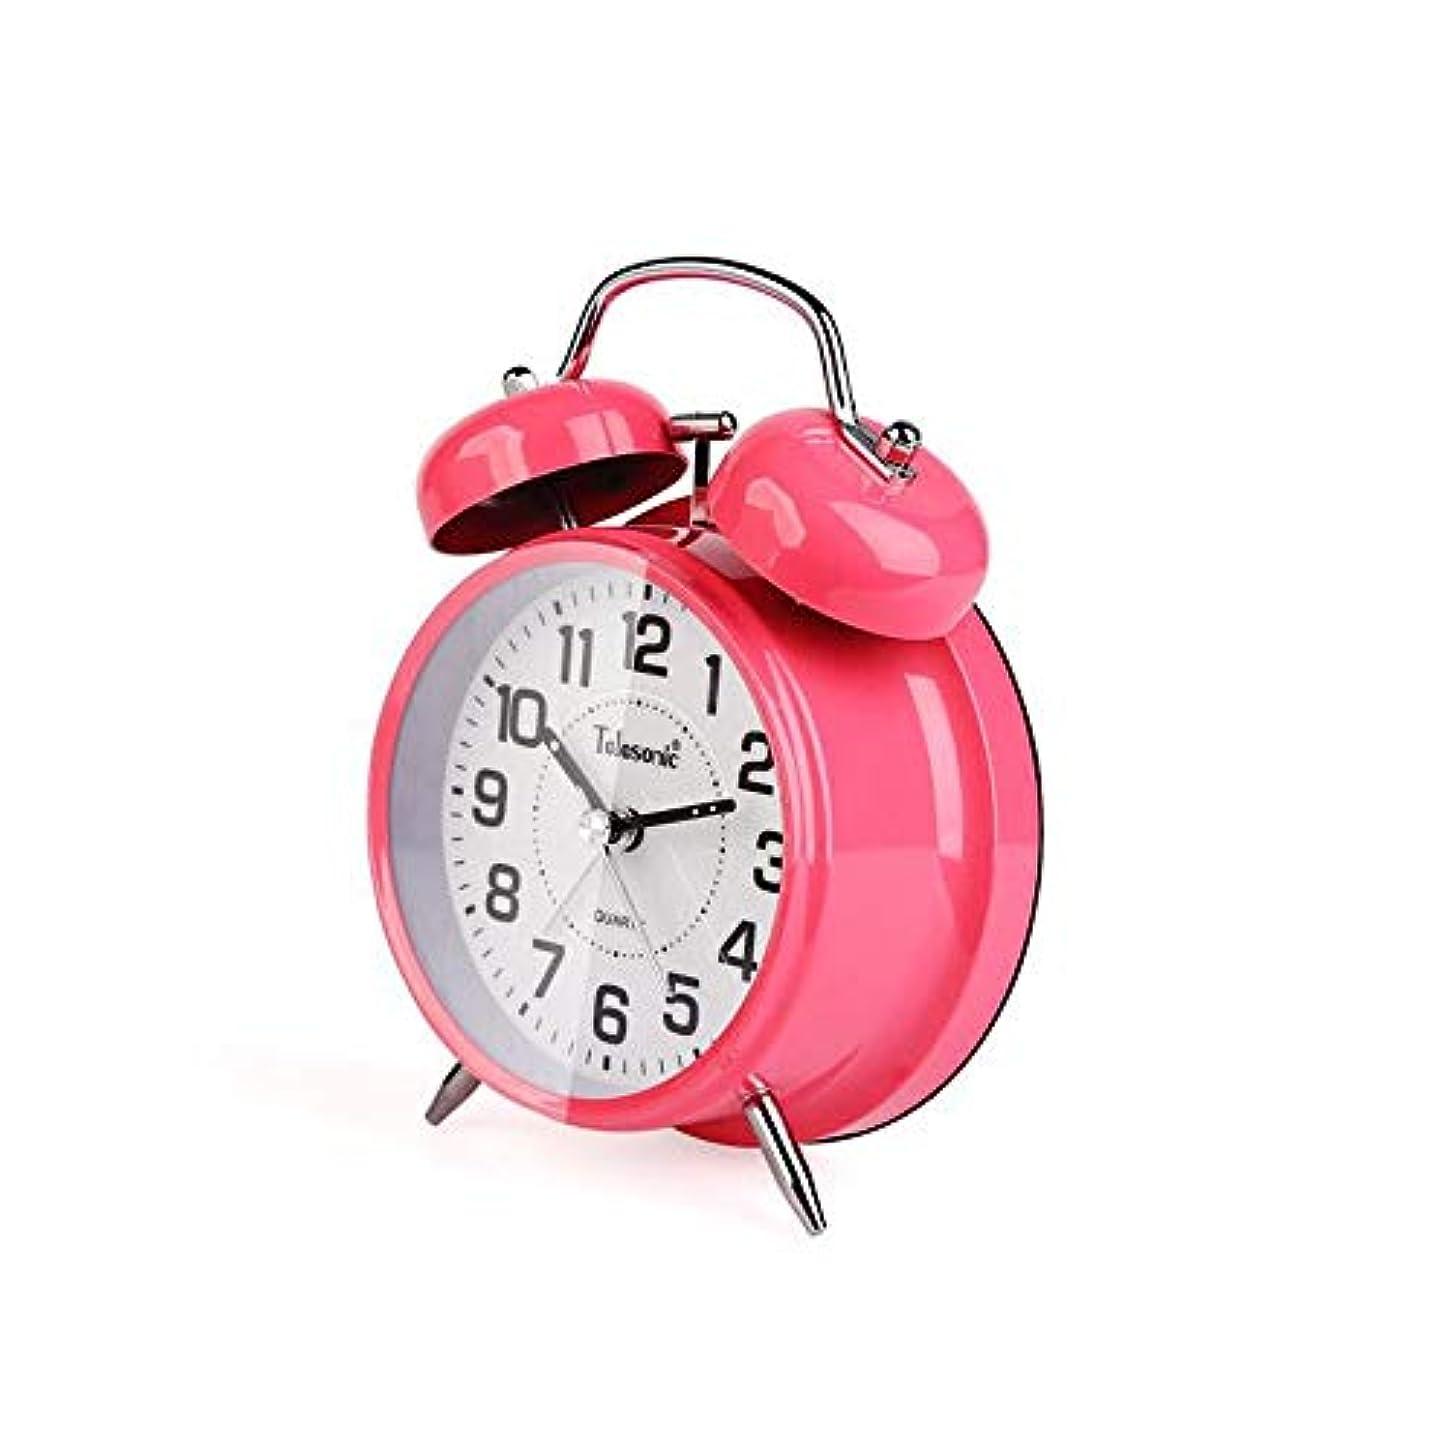 退却狐消化Kaiyitong001 目覚まし時計、メタルベルの目覚まし時計、シンプルで静かなベッドサイド時計、多機能アラームテーブル4インチピンク、寝室用ベッドサイドクロックに適し、ピンク (Color : Pink)